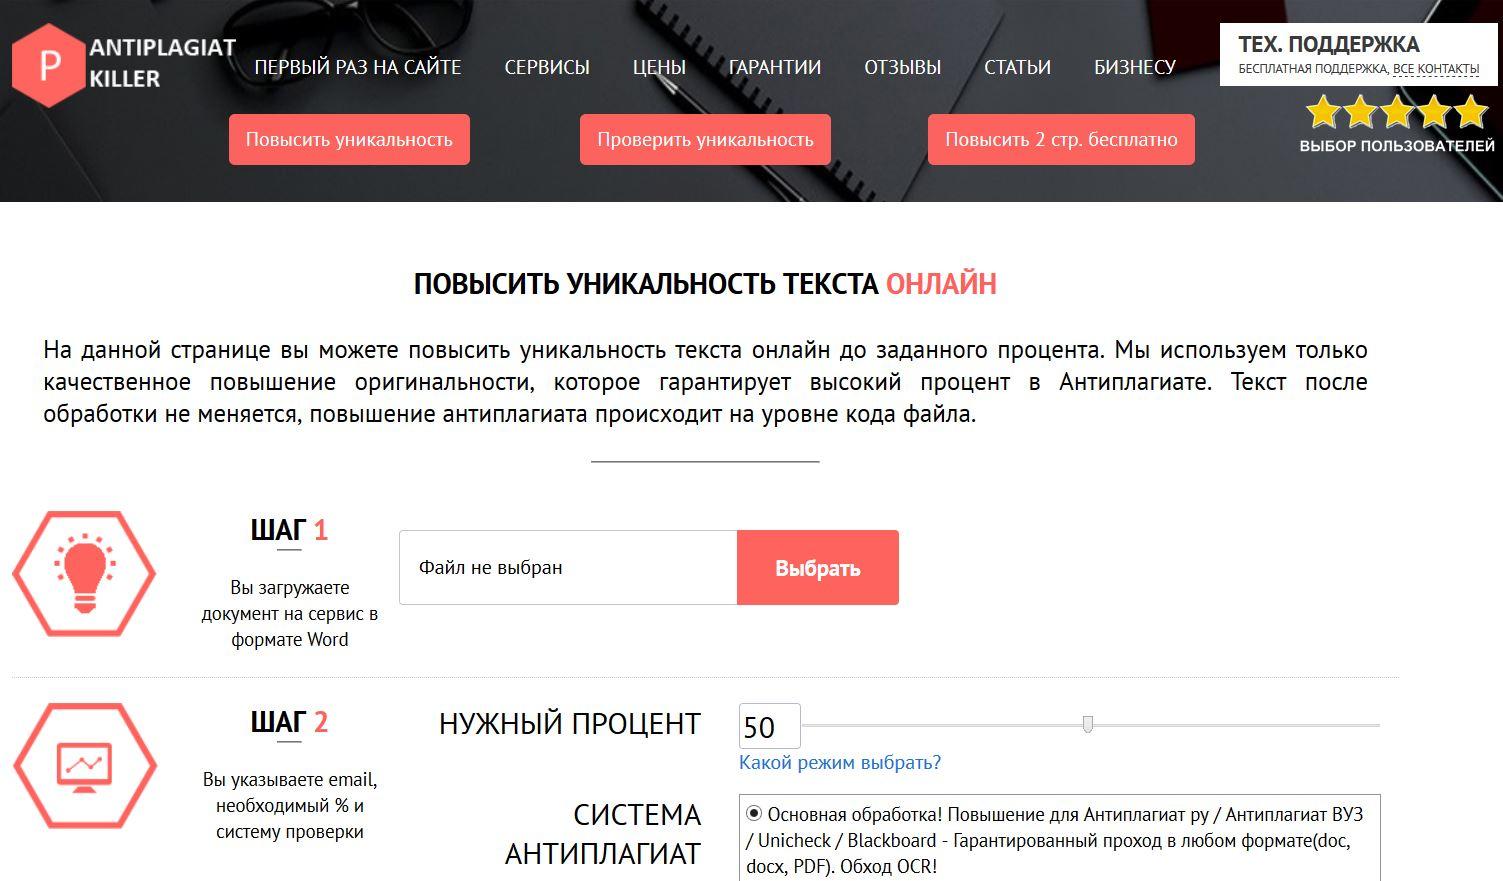 антиплагиат ВУЗ проверка текста бесплатно